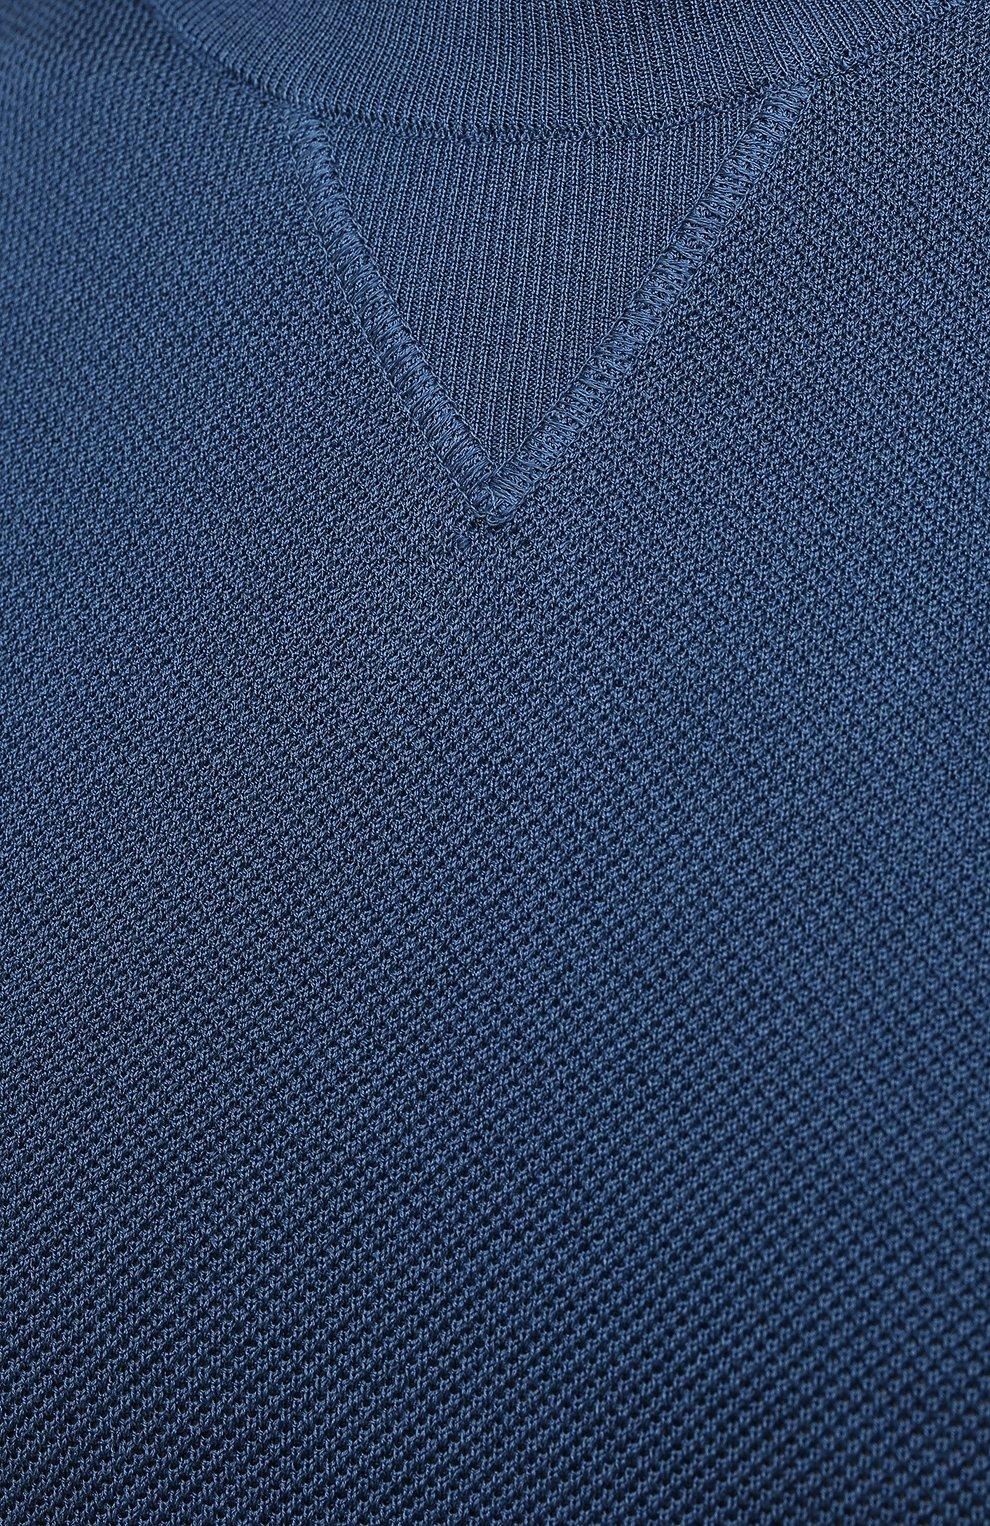 Мужской джемпер из хлопка и вискозы TOM FORD бирюзового цвета, арт. BWD95/TFK110 | Фото 5 (Мужское Кросс-КТ: Джемперы; Рукава: Длинные; Принт: Без принта; Длина (для топов): Стандартные; Материал внешний: Хлопок, Вискоза; Вырез: Круглый; Стили: Кэжуэл)